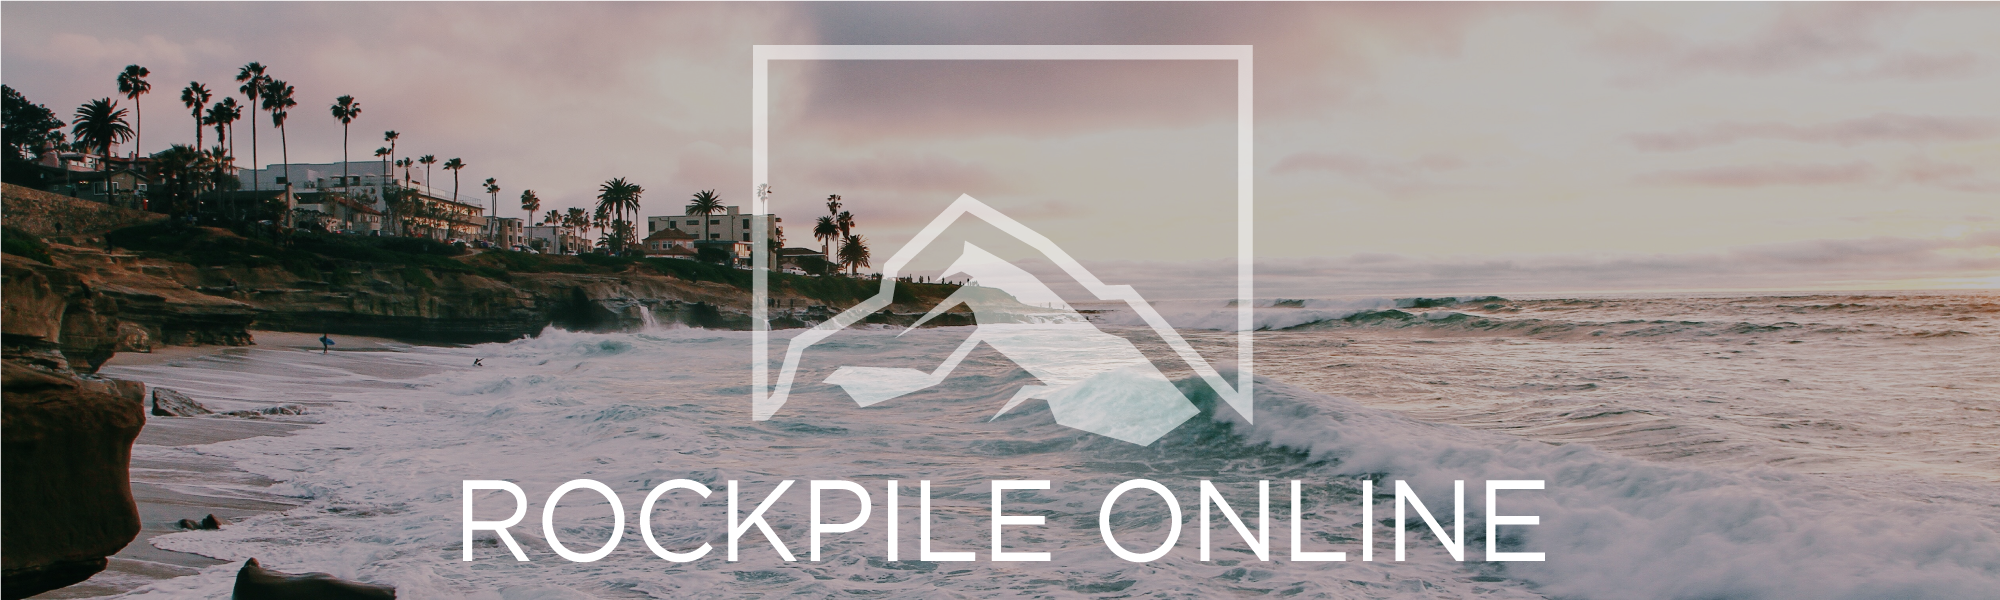 Rockpile Online Banner